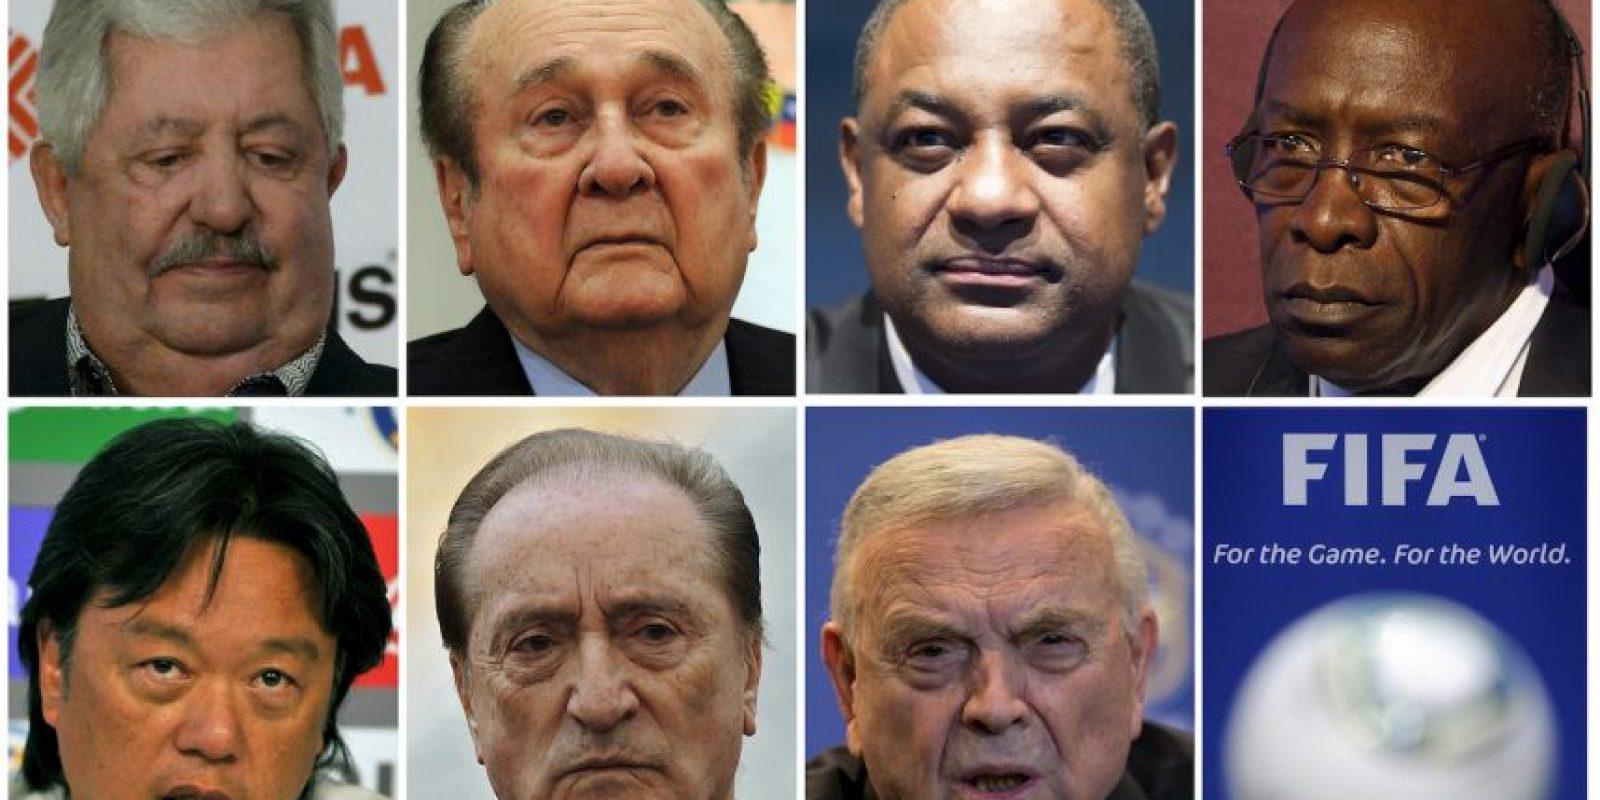 Además, poco tiempo después el FBI anunció que estaba tras la pista de más implicados por operaciones fraudulentas que se manejaron en el organismo desde el año 2000. Foto:AFP